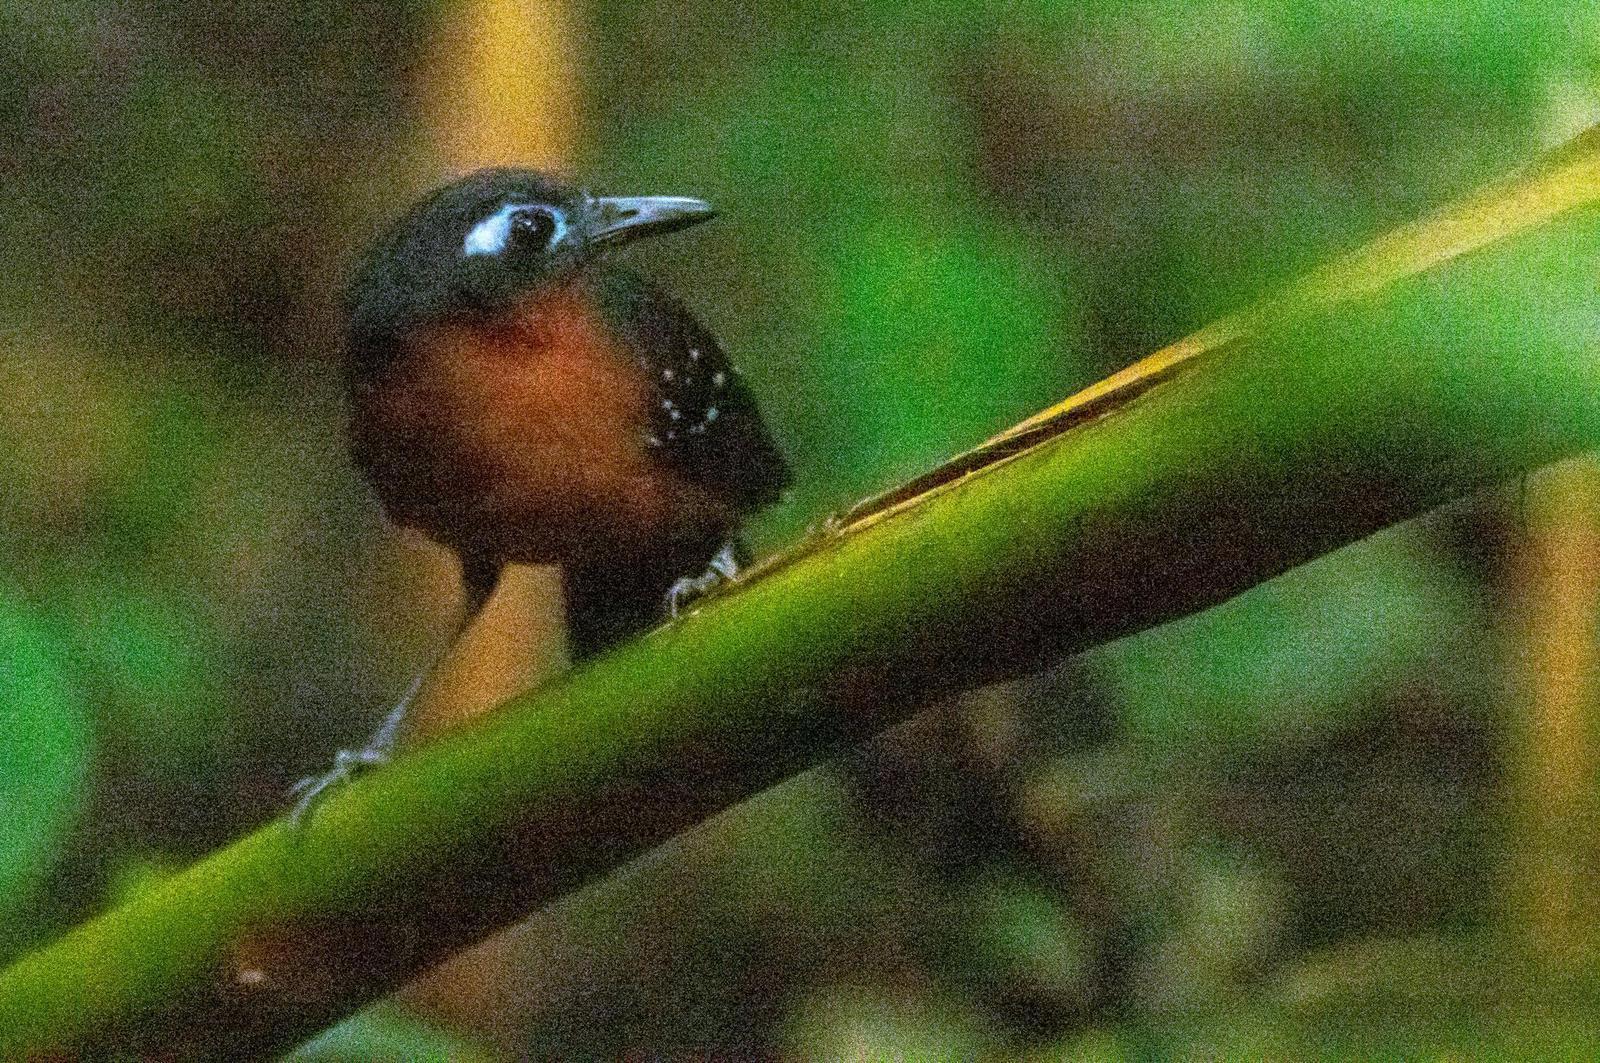 Plumbeous Antbird Photo by Phil Kahler